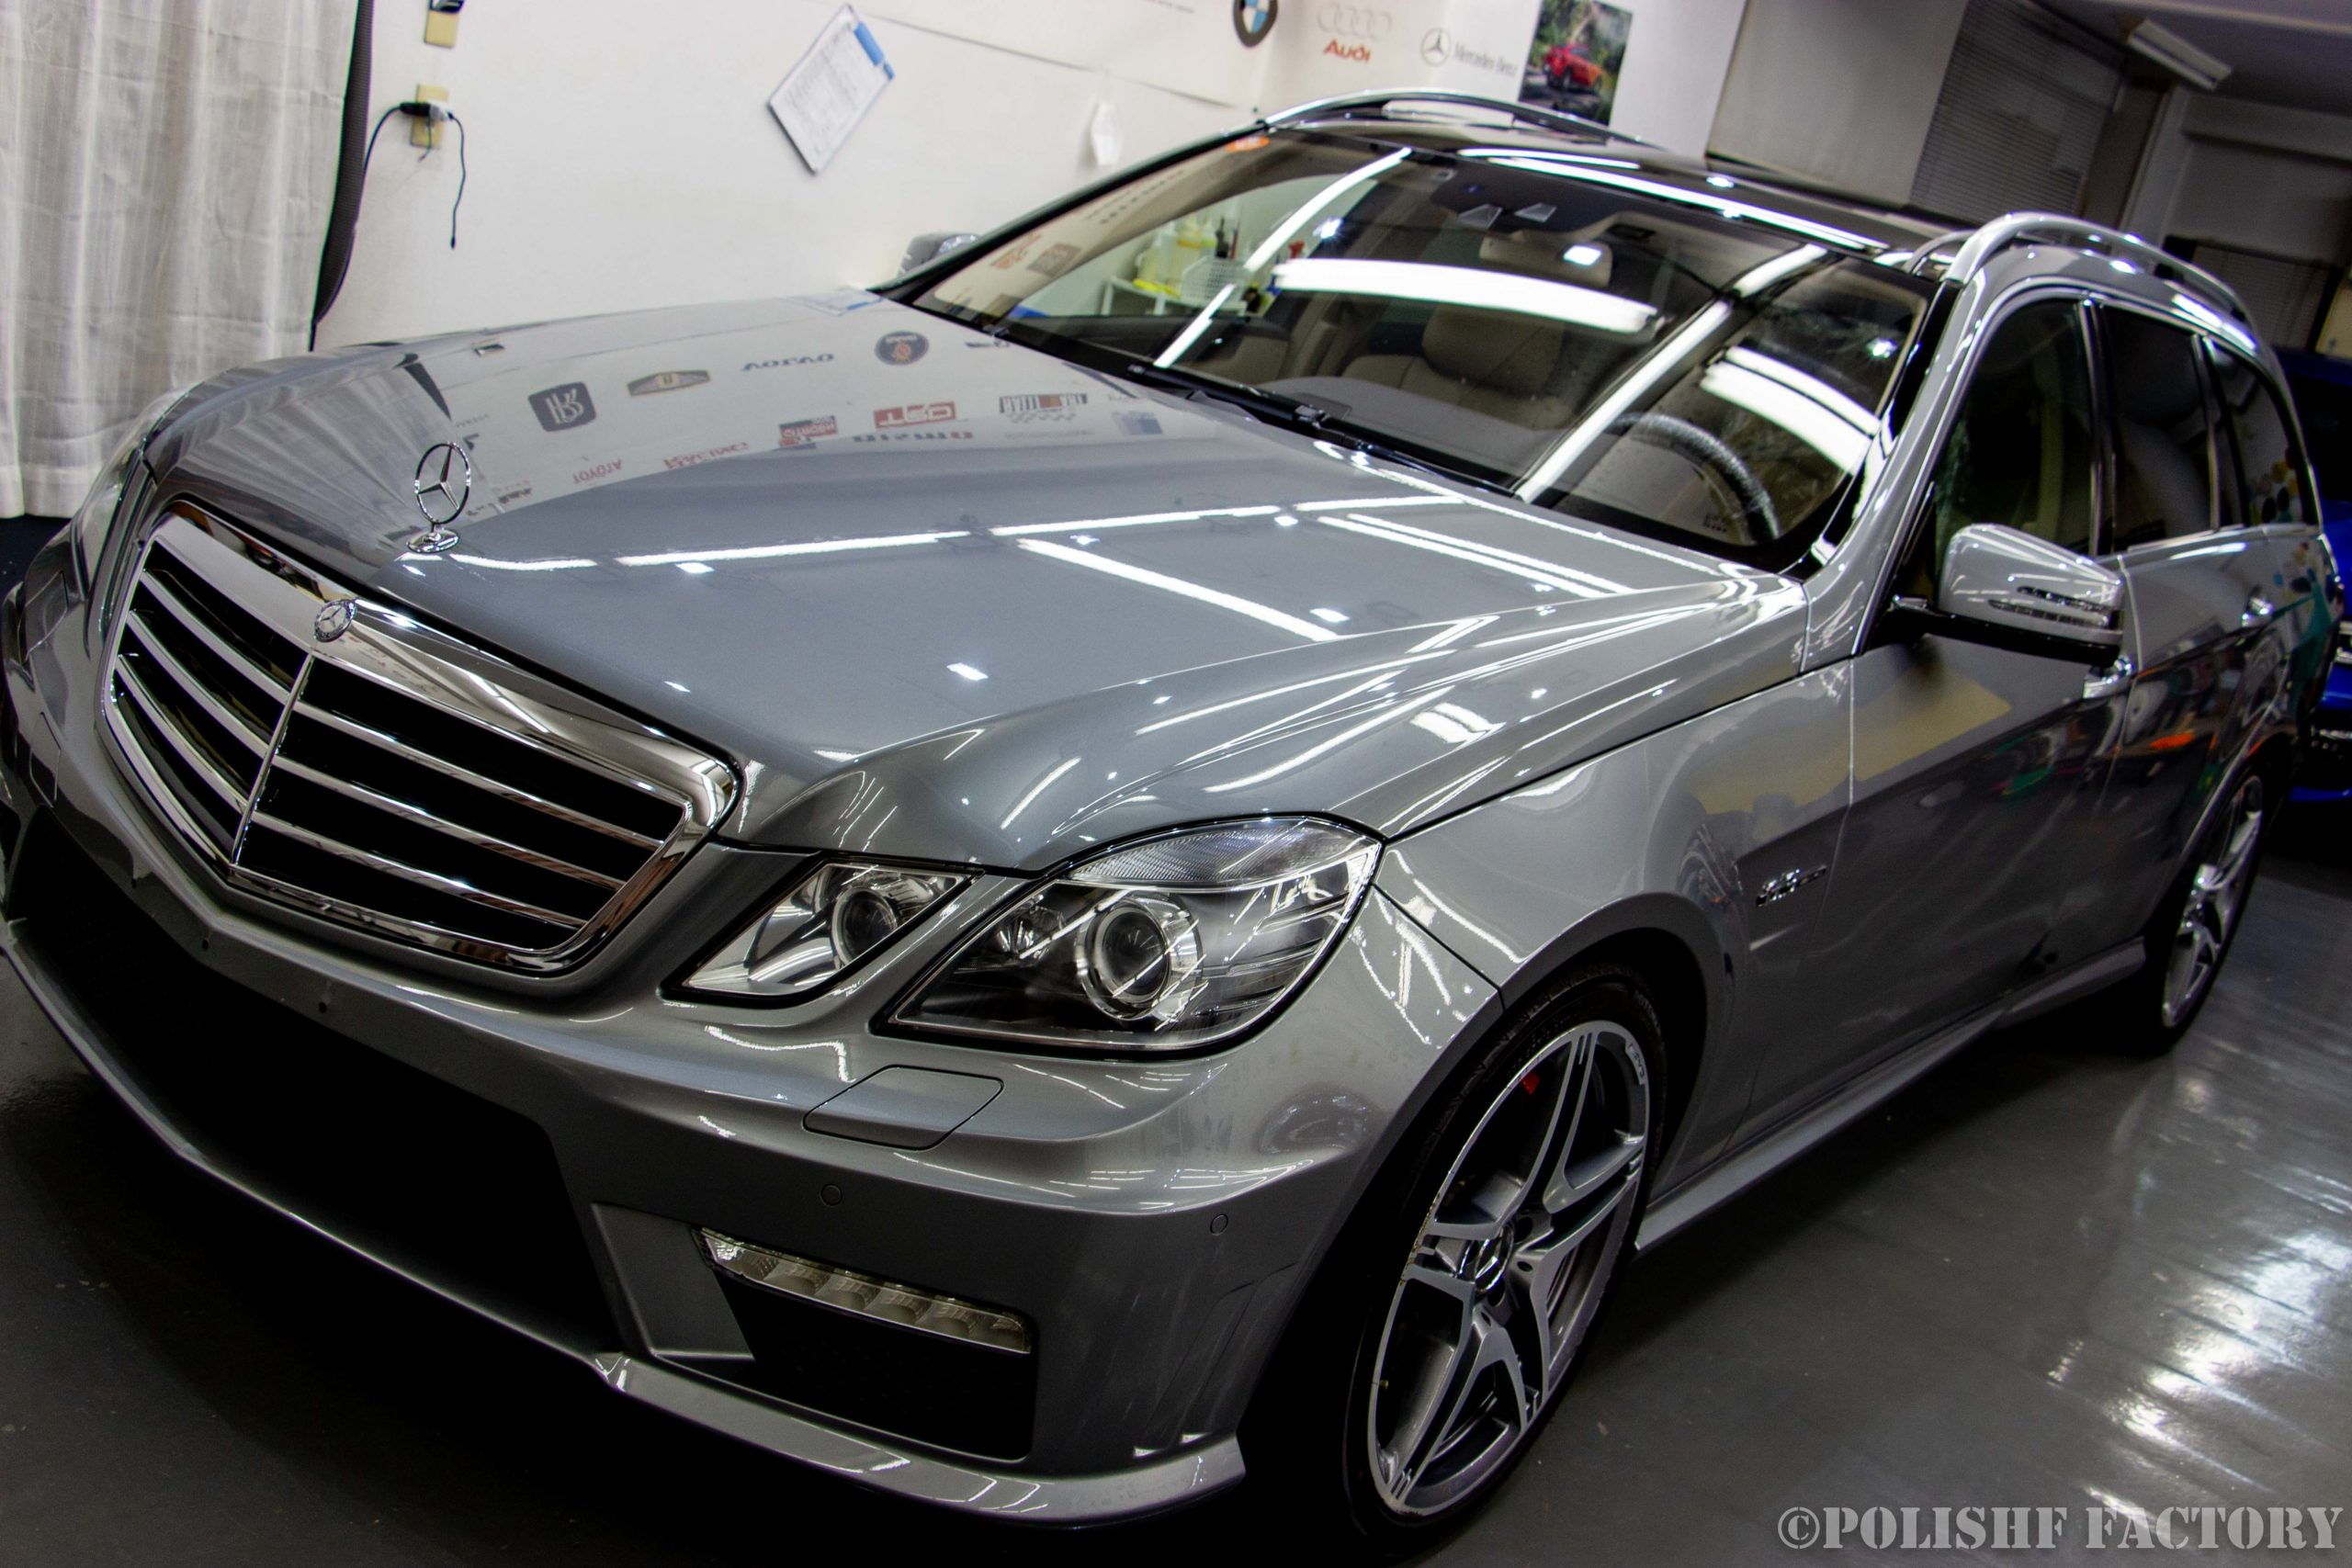 小山薫堂さんの愛車、MercedesBenz E63 AMGステーションワゴンの磨きコーティング後のキレイになった最終画像